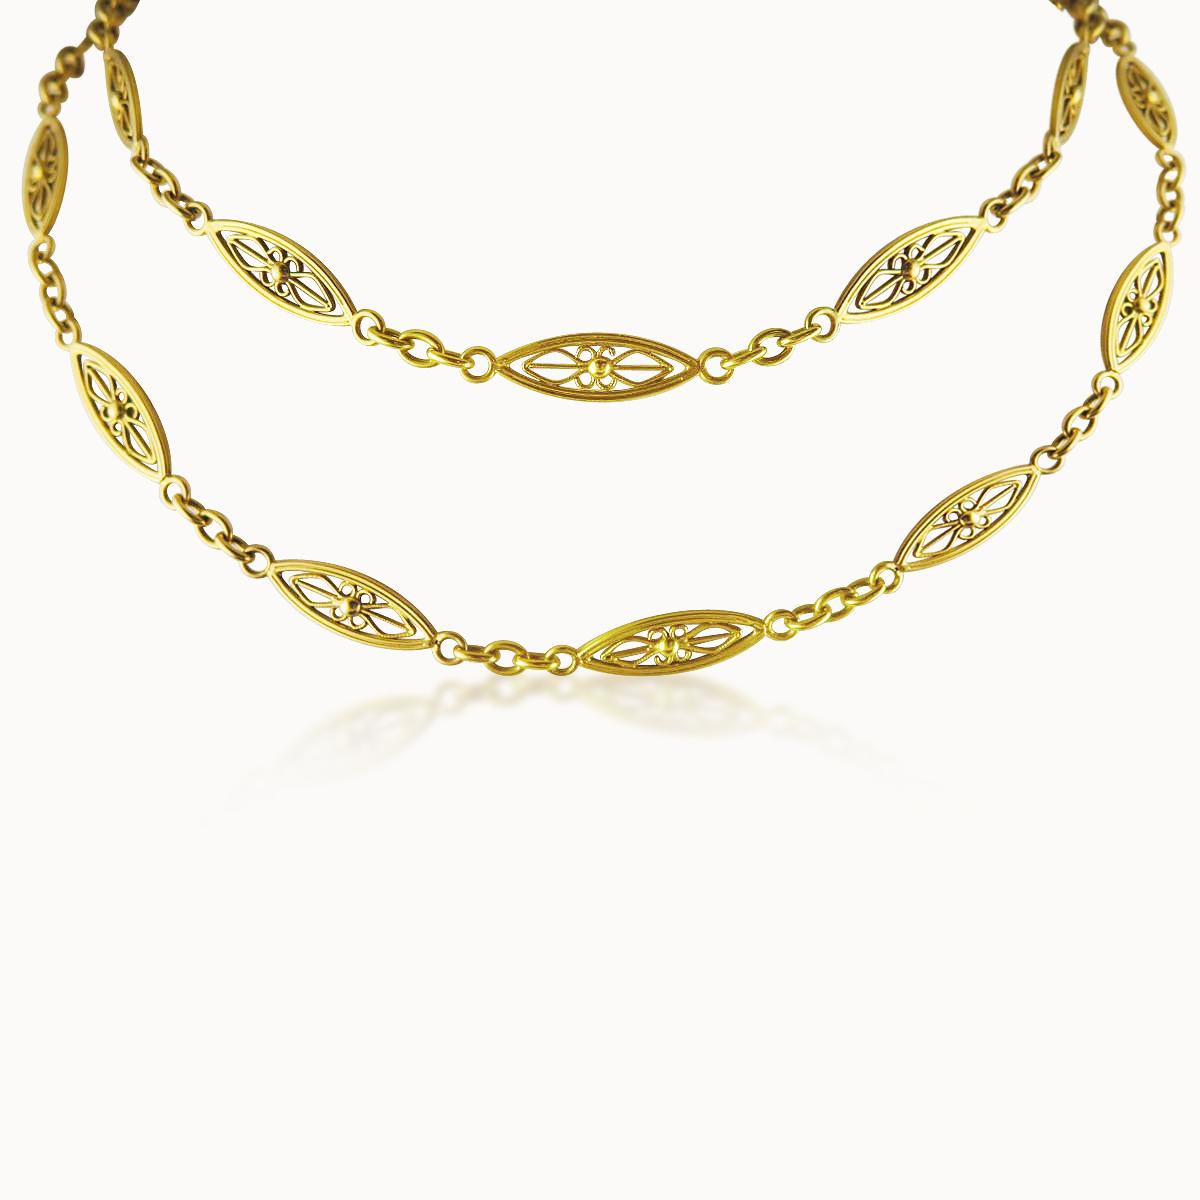 18CT YELLOW GOLD LONGCHAIN